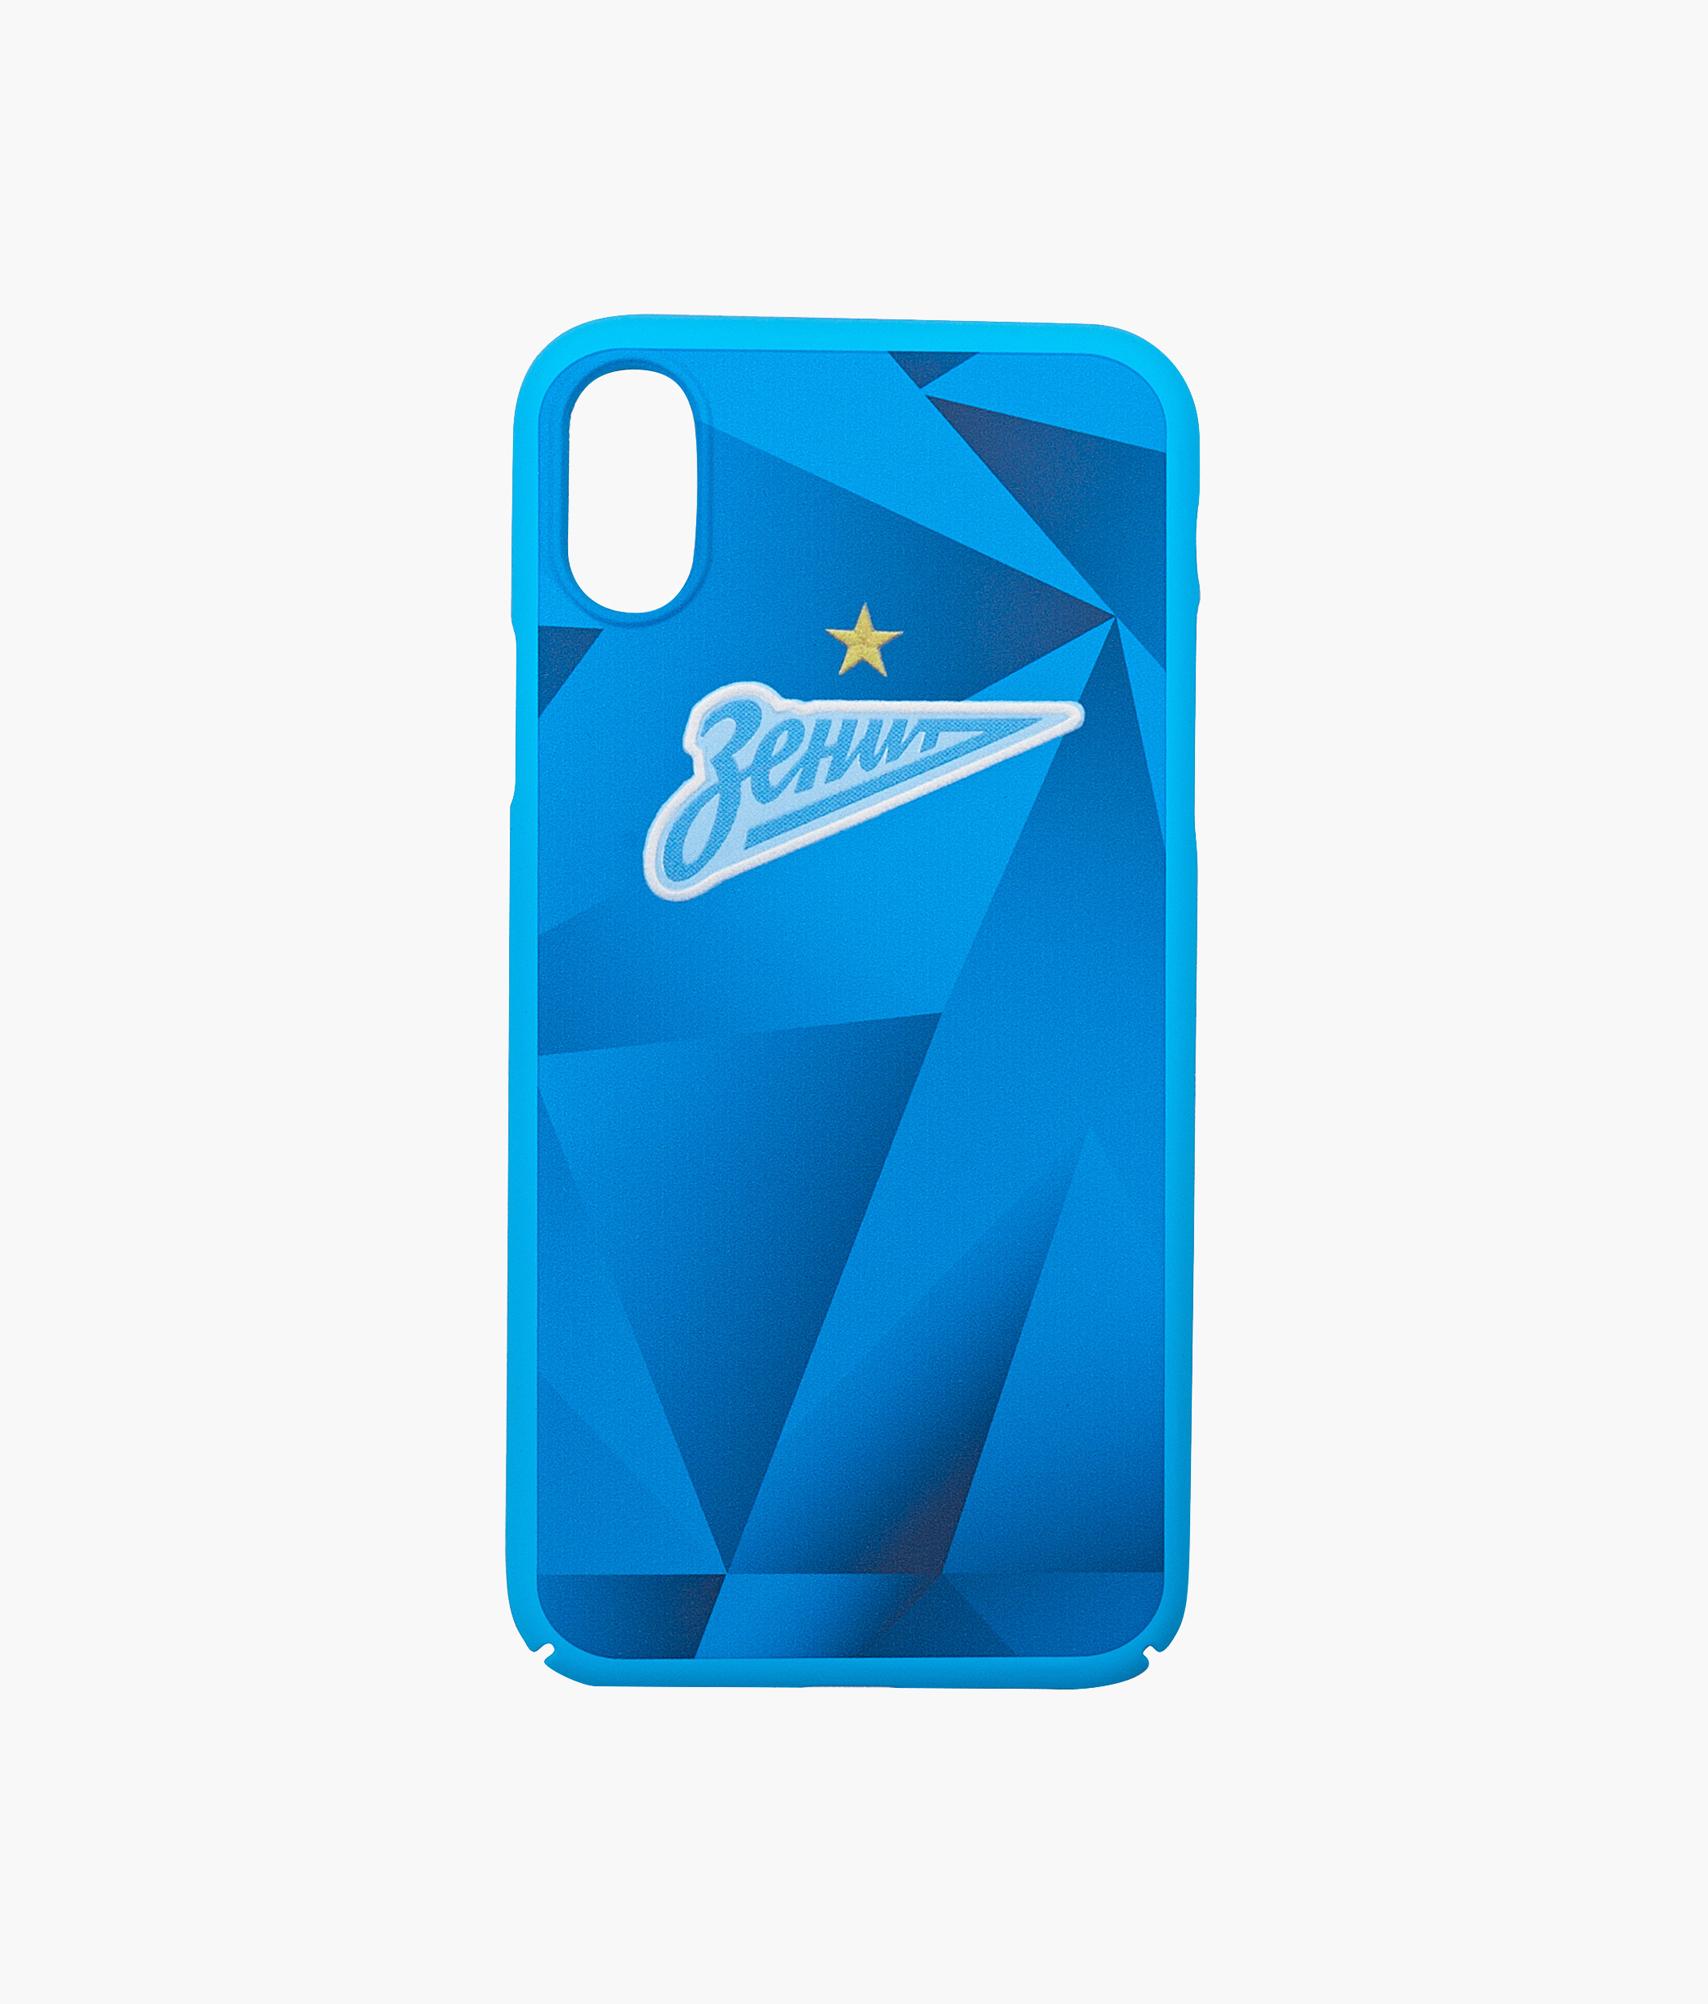 Фото - Чехол для IPhone X/XS Форма 2019/20 Зенит Цвет-Синий платье coccodrillo одежда повседневная на каждый день